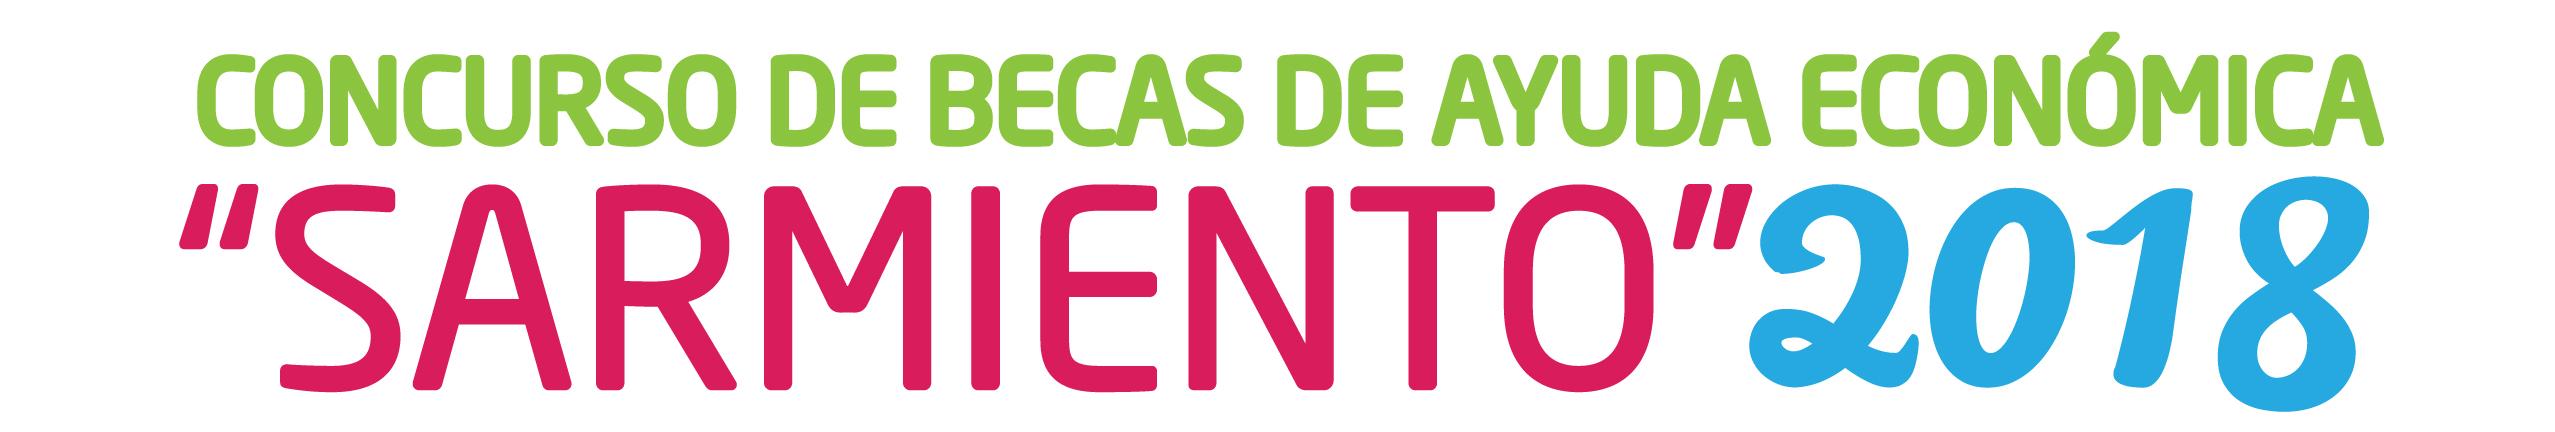 """La imagen muestra un Banner que reza: Concurso de Becas de Ayuda Económica """"Sarmiento"""" 2018."""